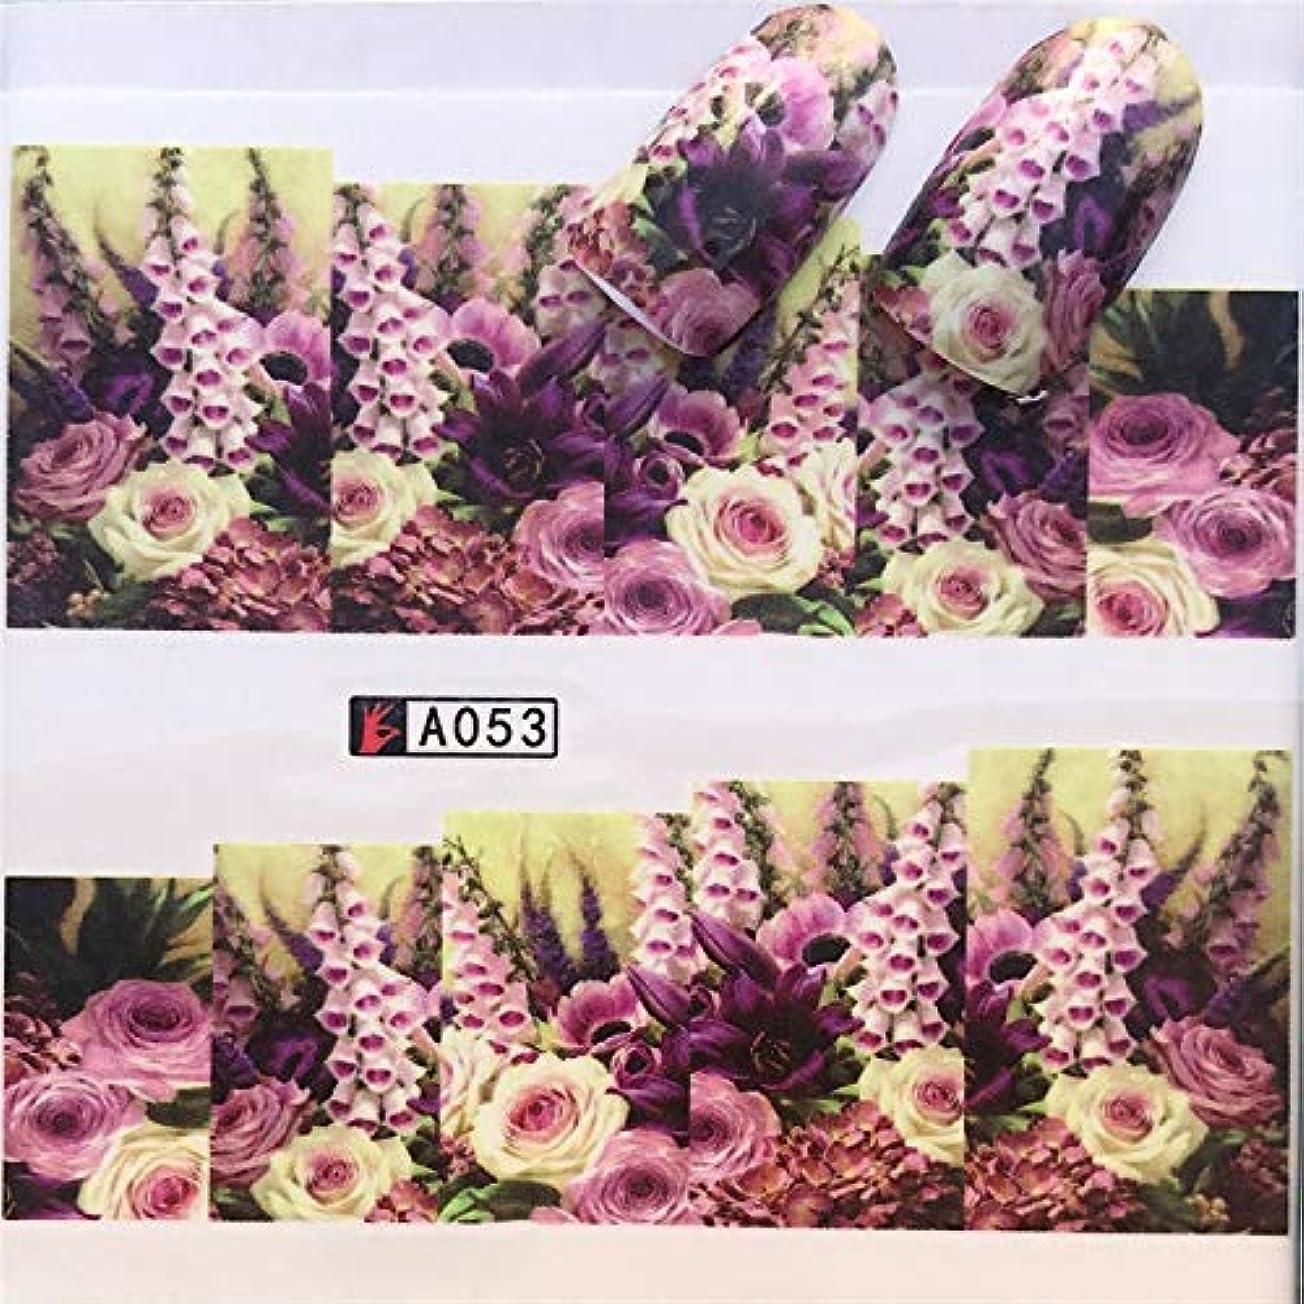 スローガンコウモリ秘密のYan 3個ネイルステッカーセットデカール水転写スライダーネイルアートデコレーション、色:YZWA053